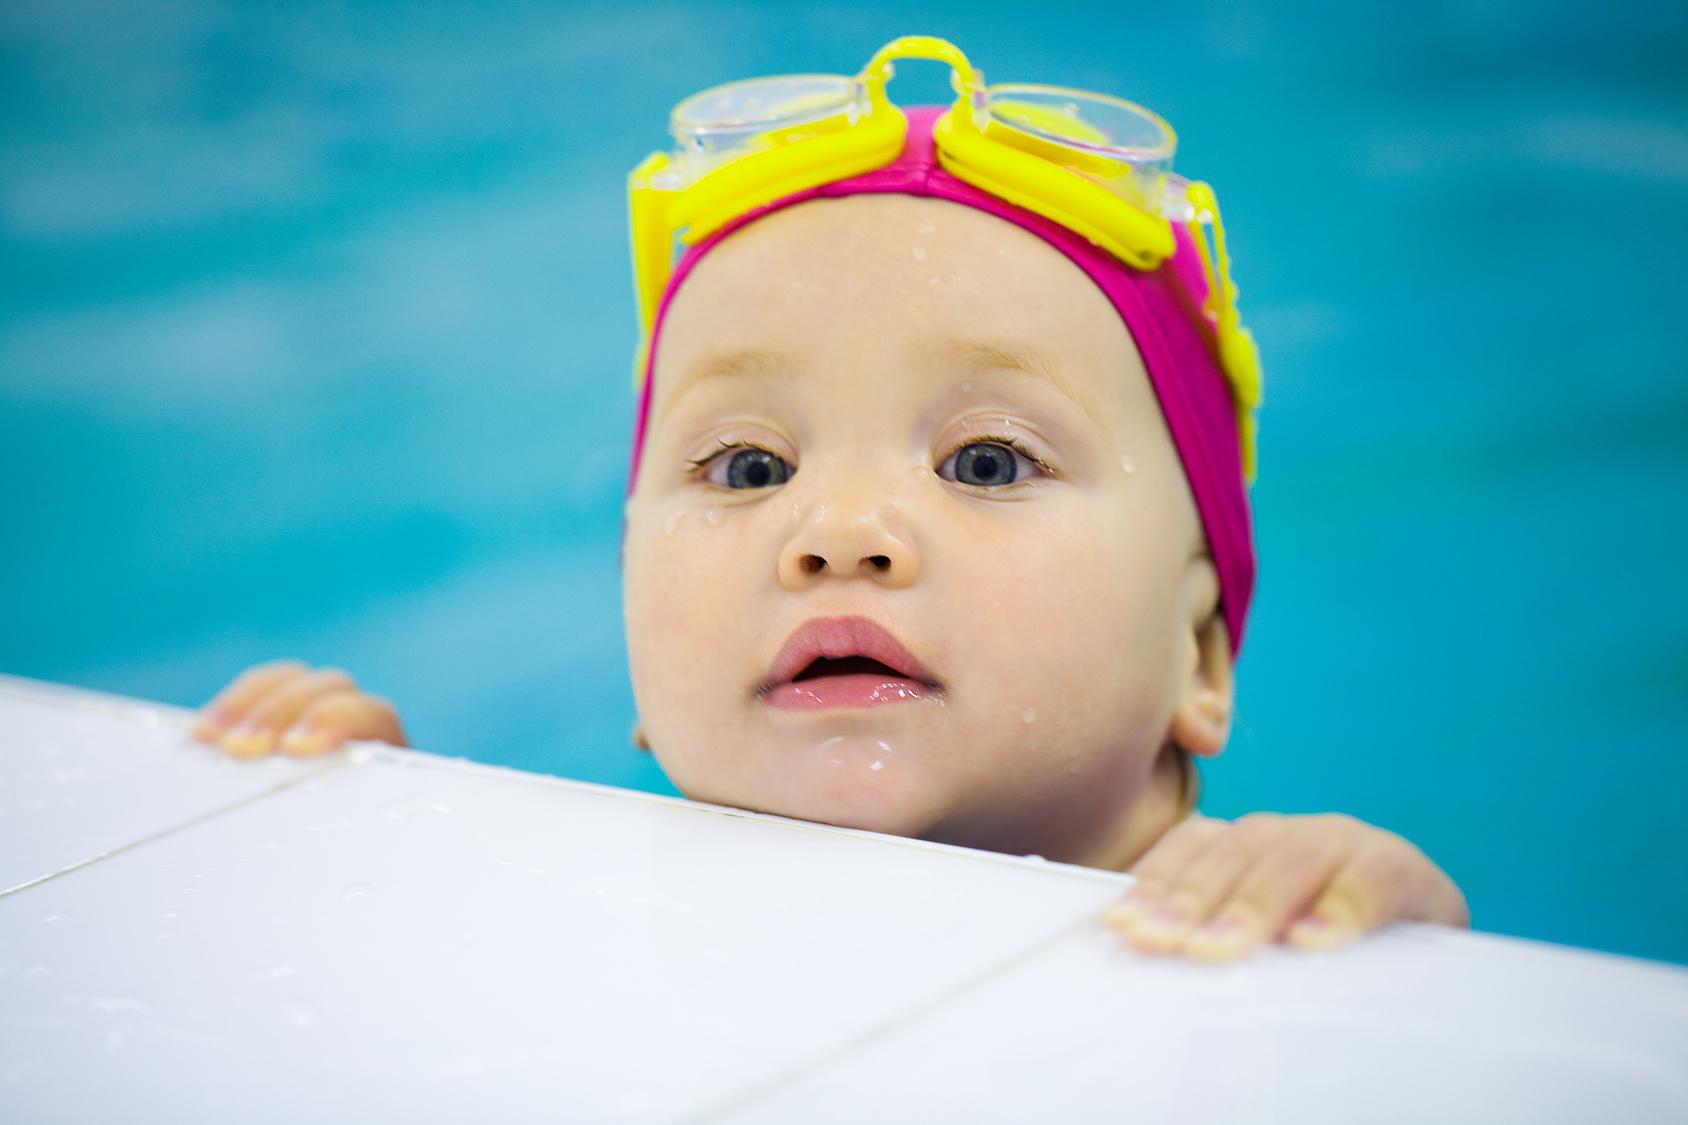 Emmener Son Bébé À La Piscine | Parents.fr avec Piscine Bebe 2 Mois